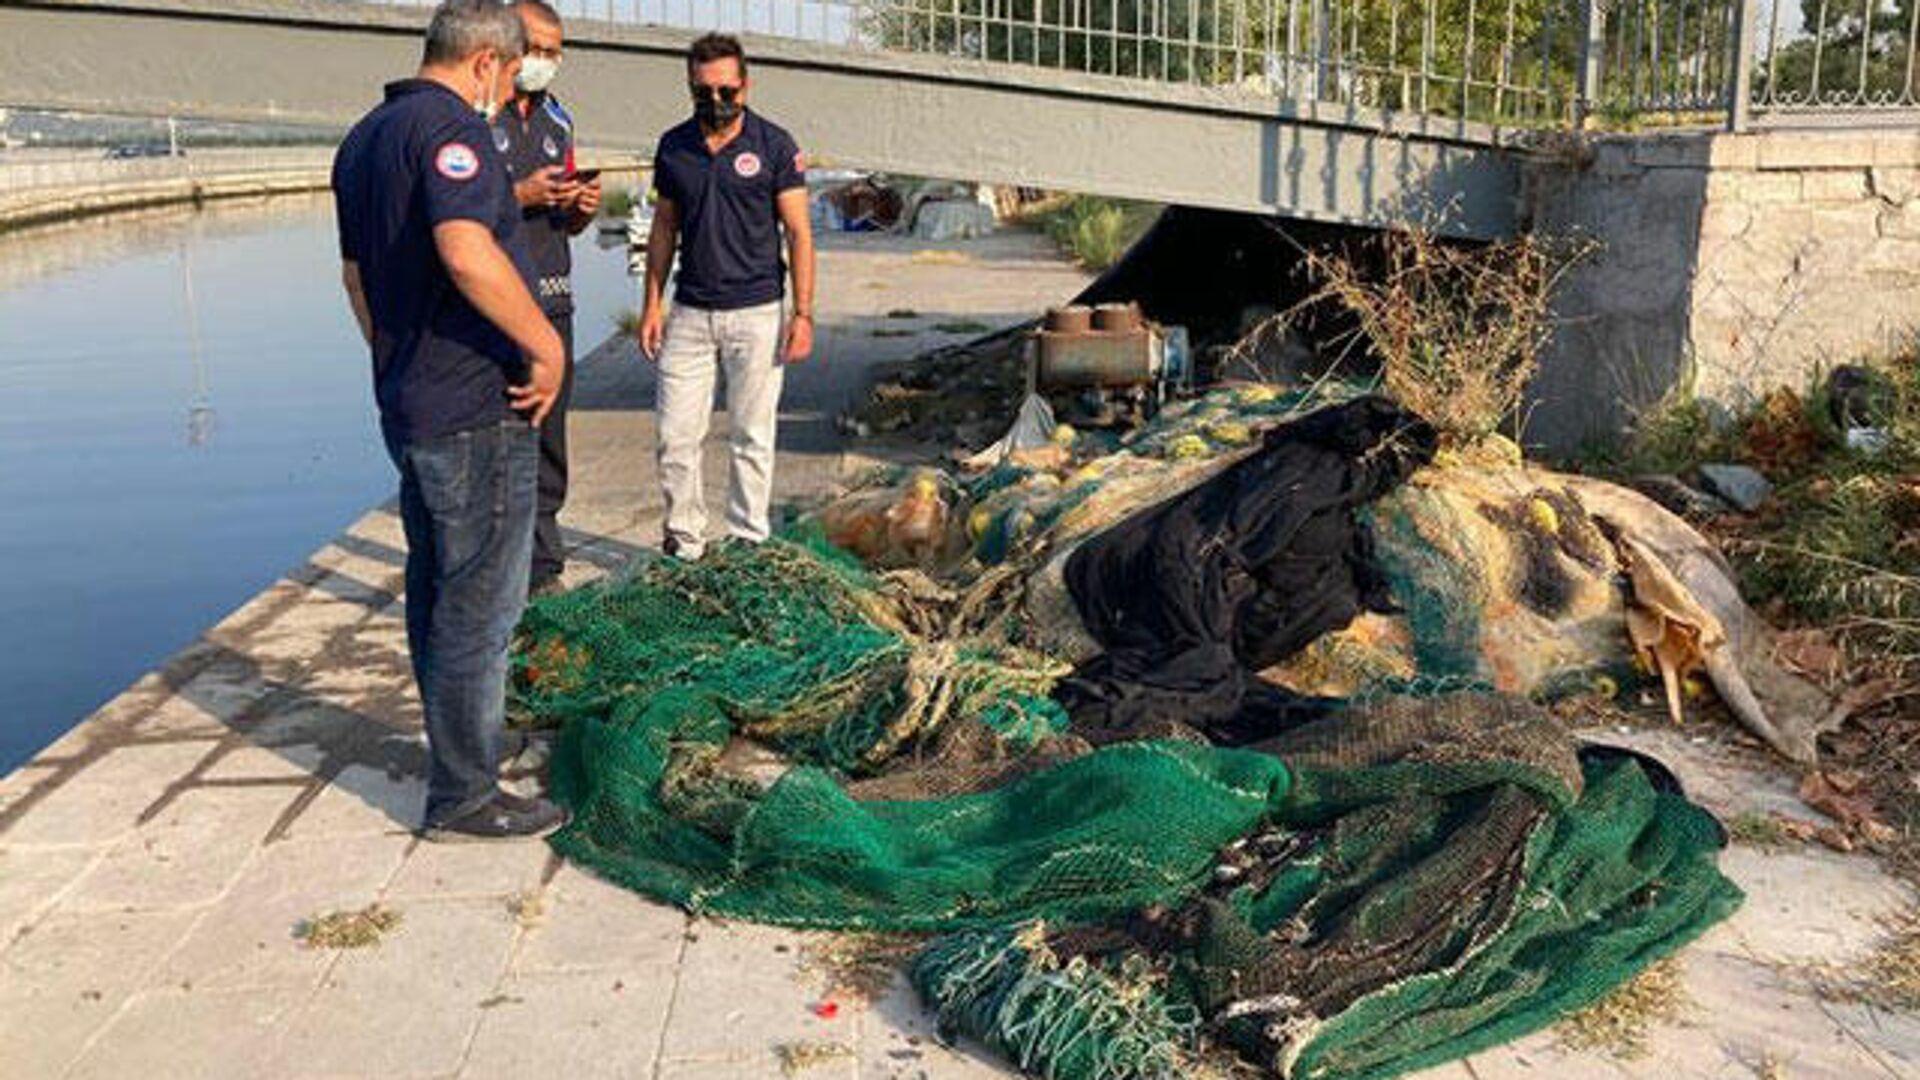 İstanbul'da kaçak yollarla avlanan yarım ton midye denize bırakıldı - Sputnik Türkiye, 1920, 27.08.2021